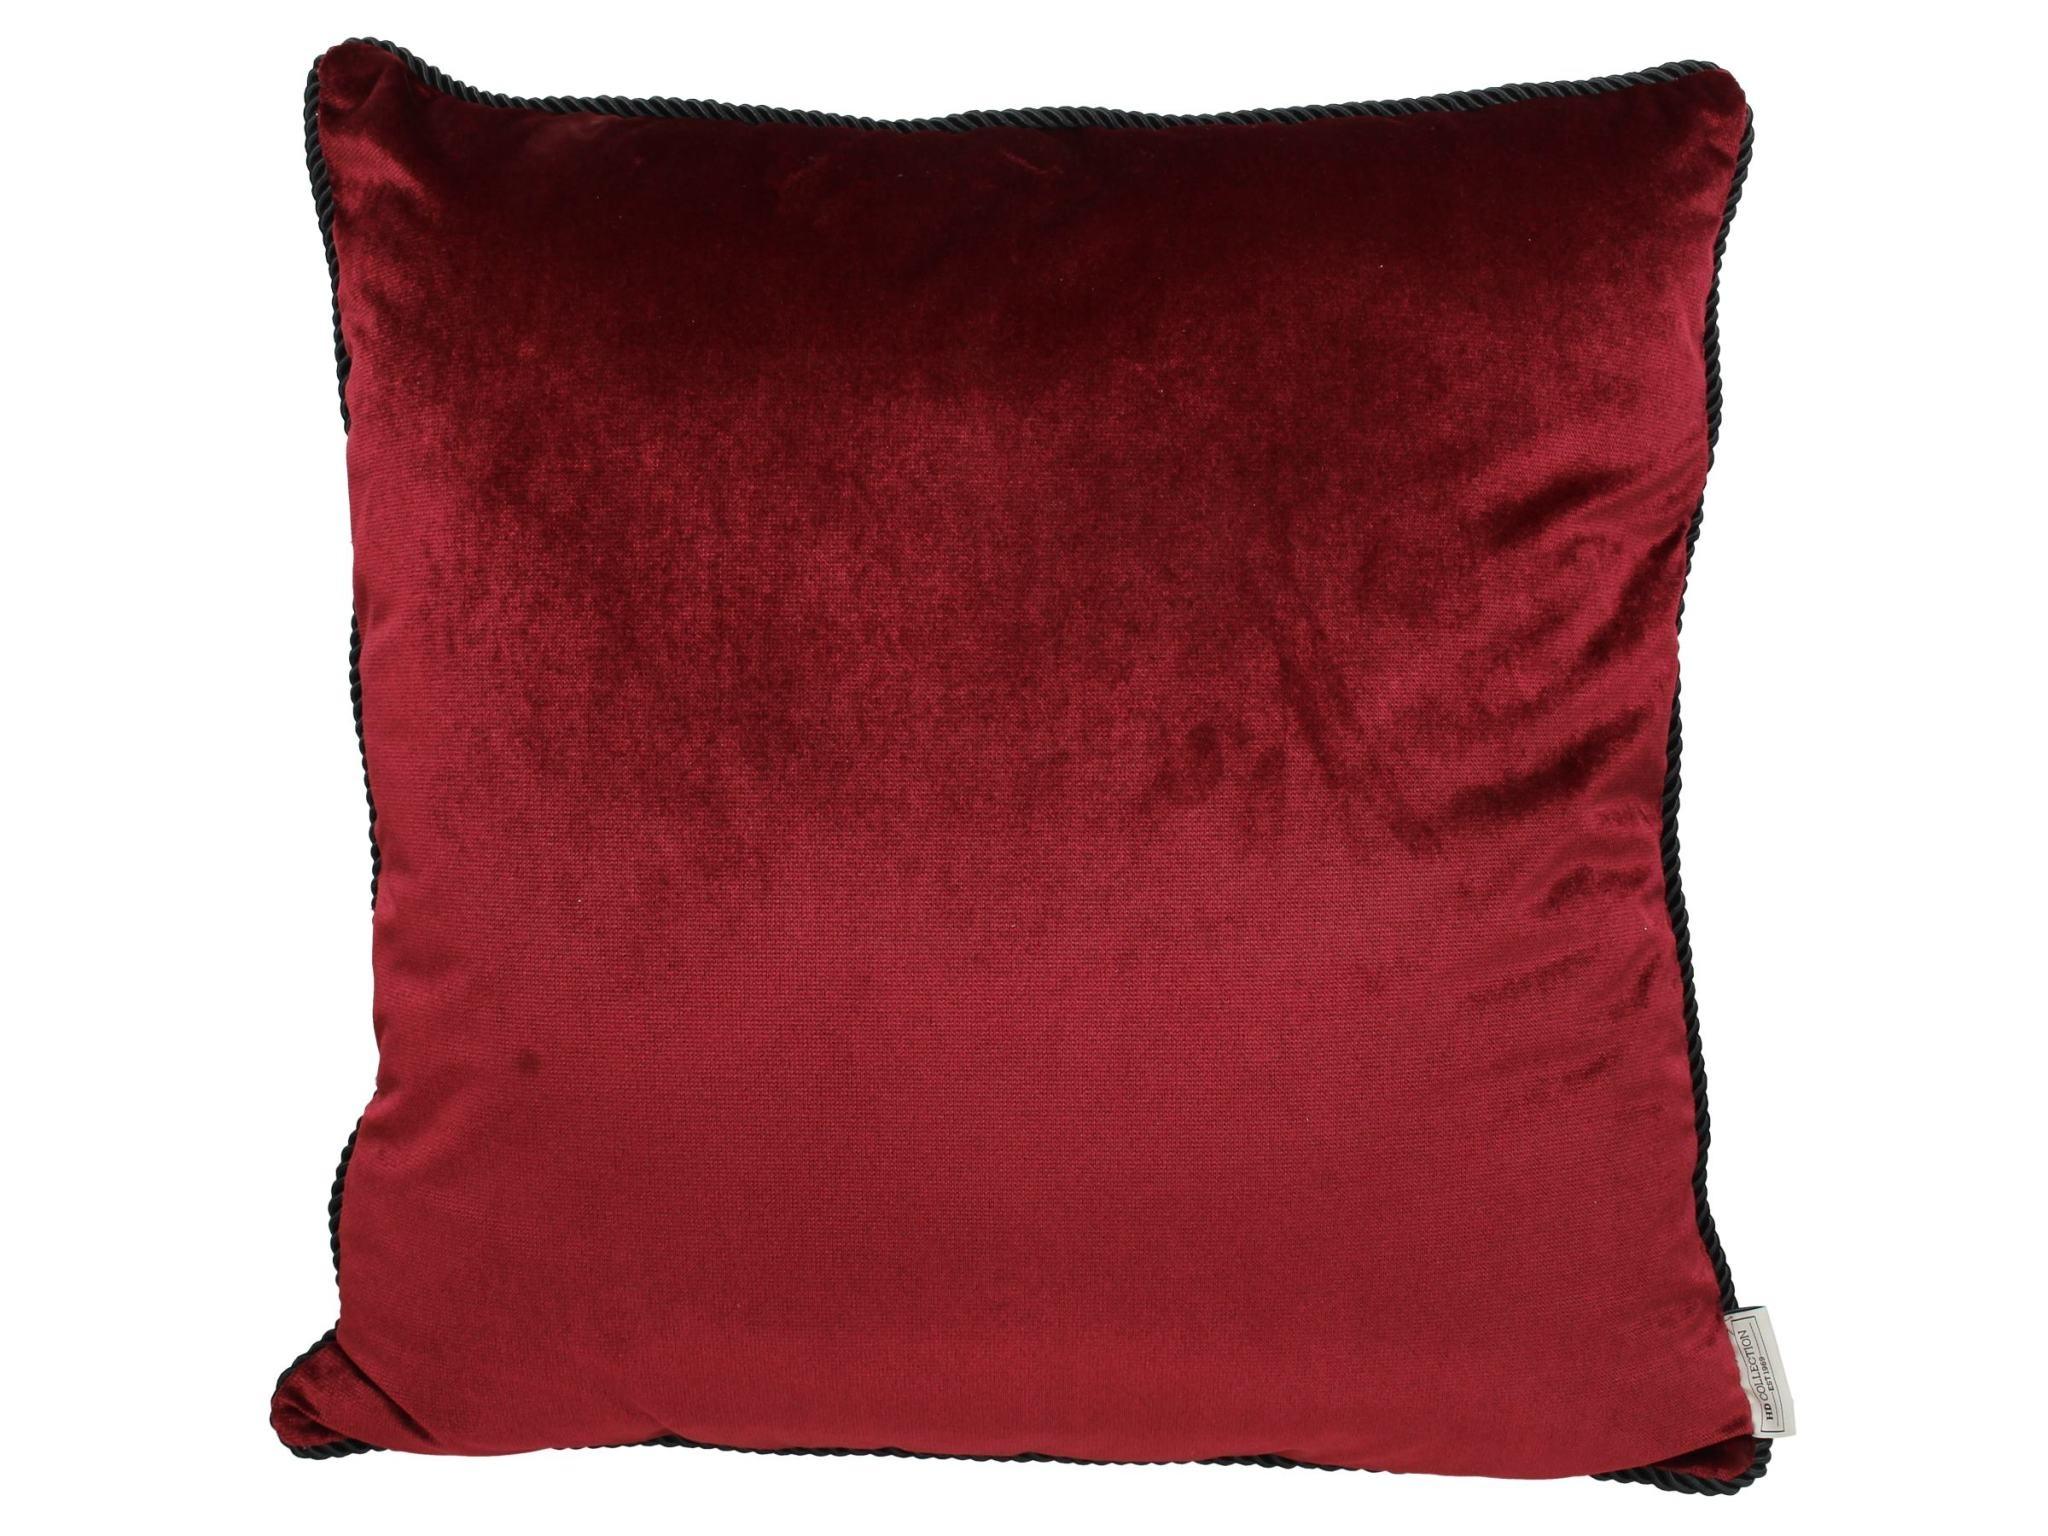 Fluwelen Kussen Rood  60x60cm Incl.binnenkussen